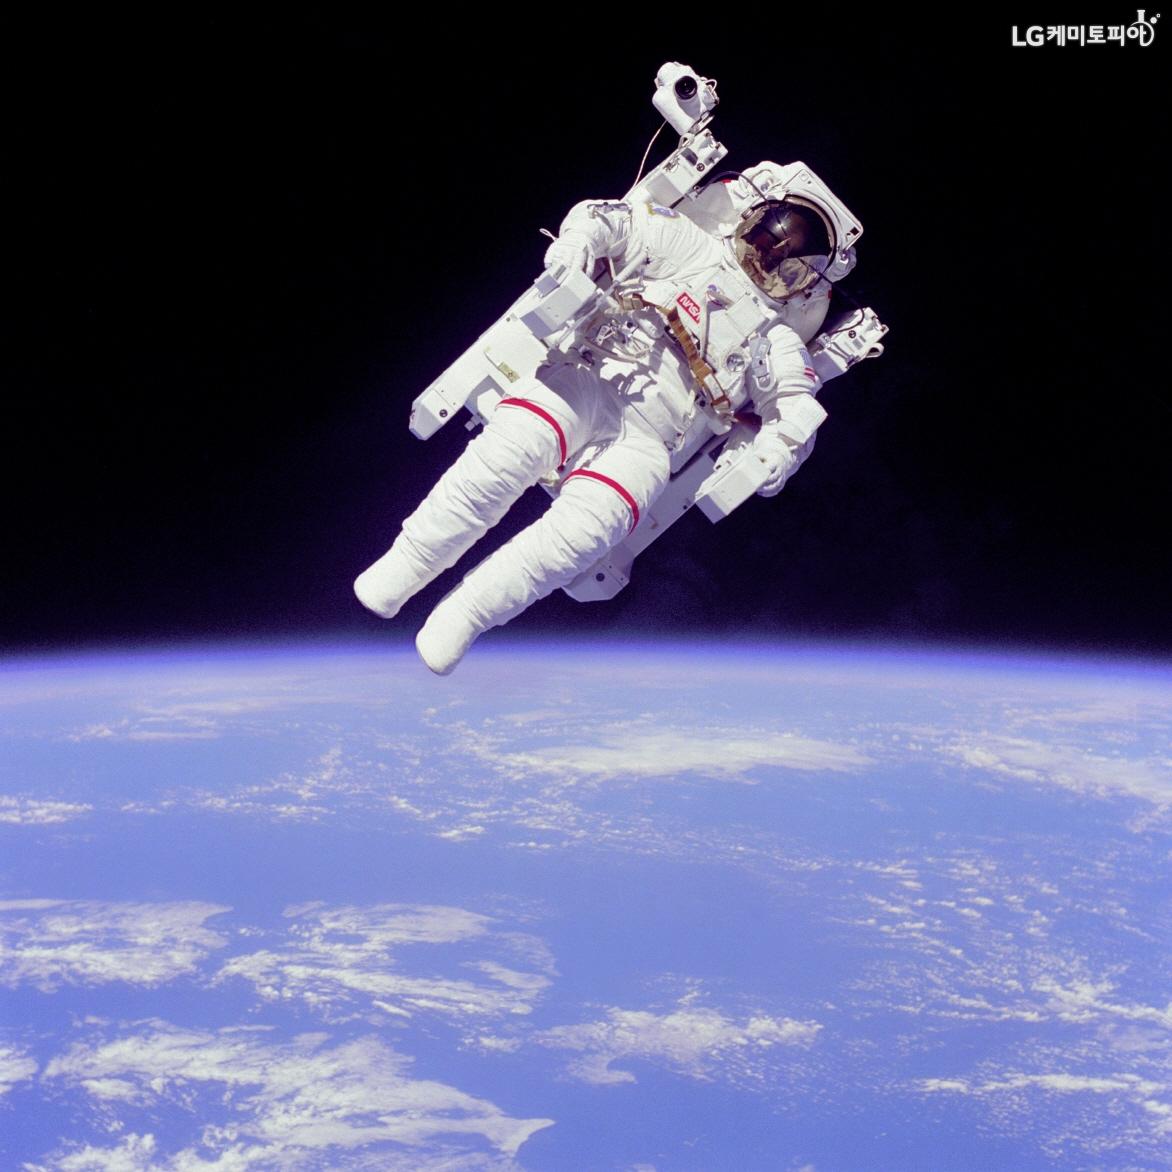 우주에 체류중인 우주비행사